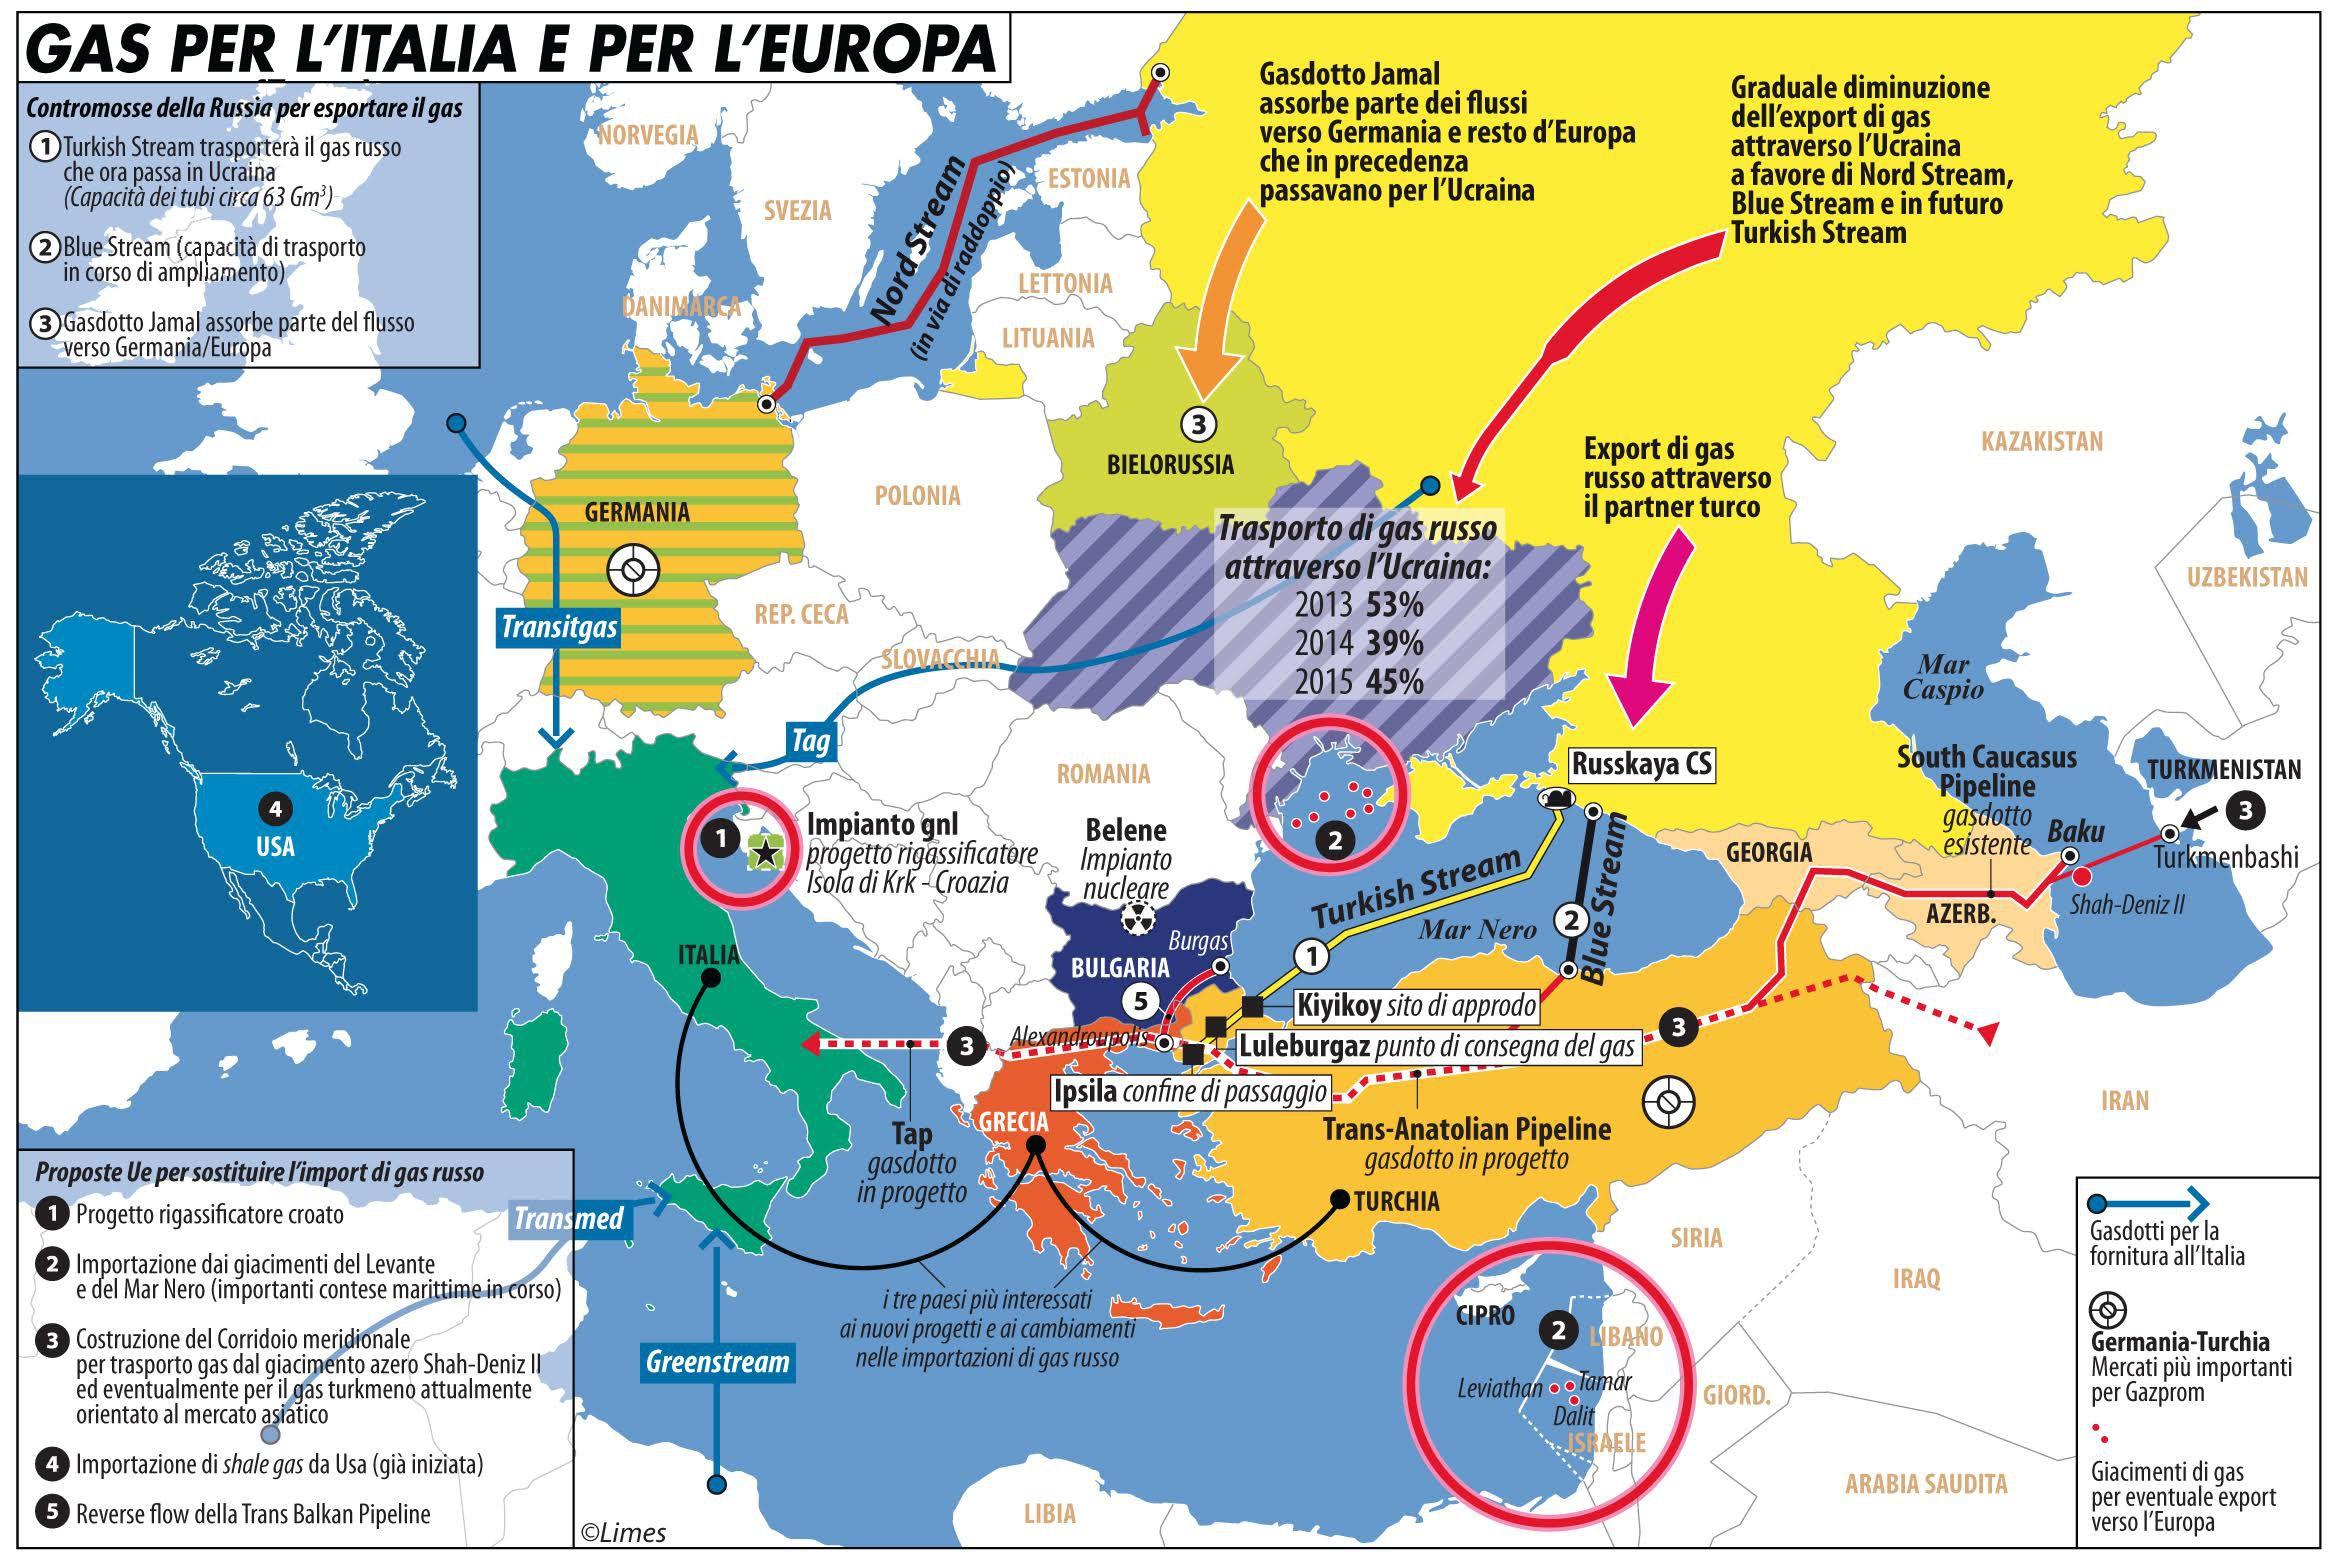 gas_per_italia_europa